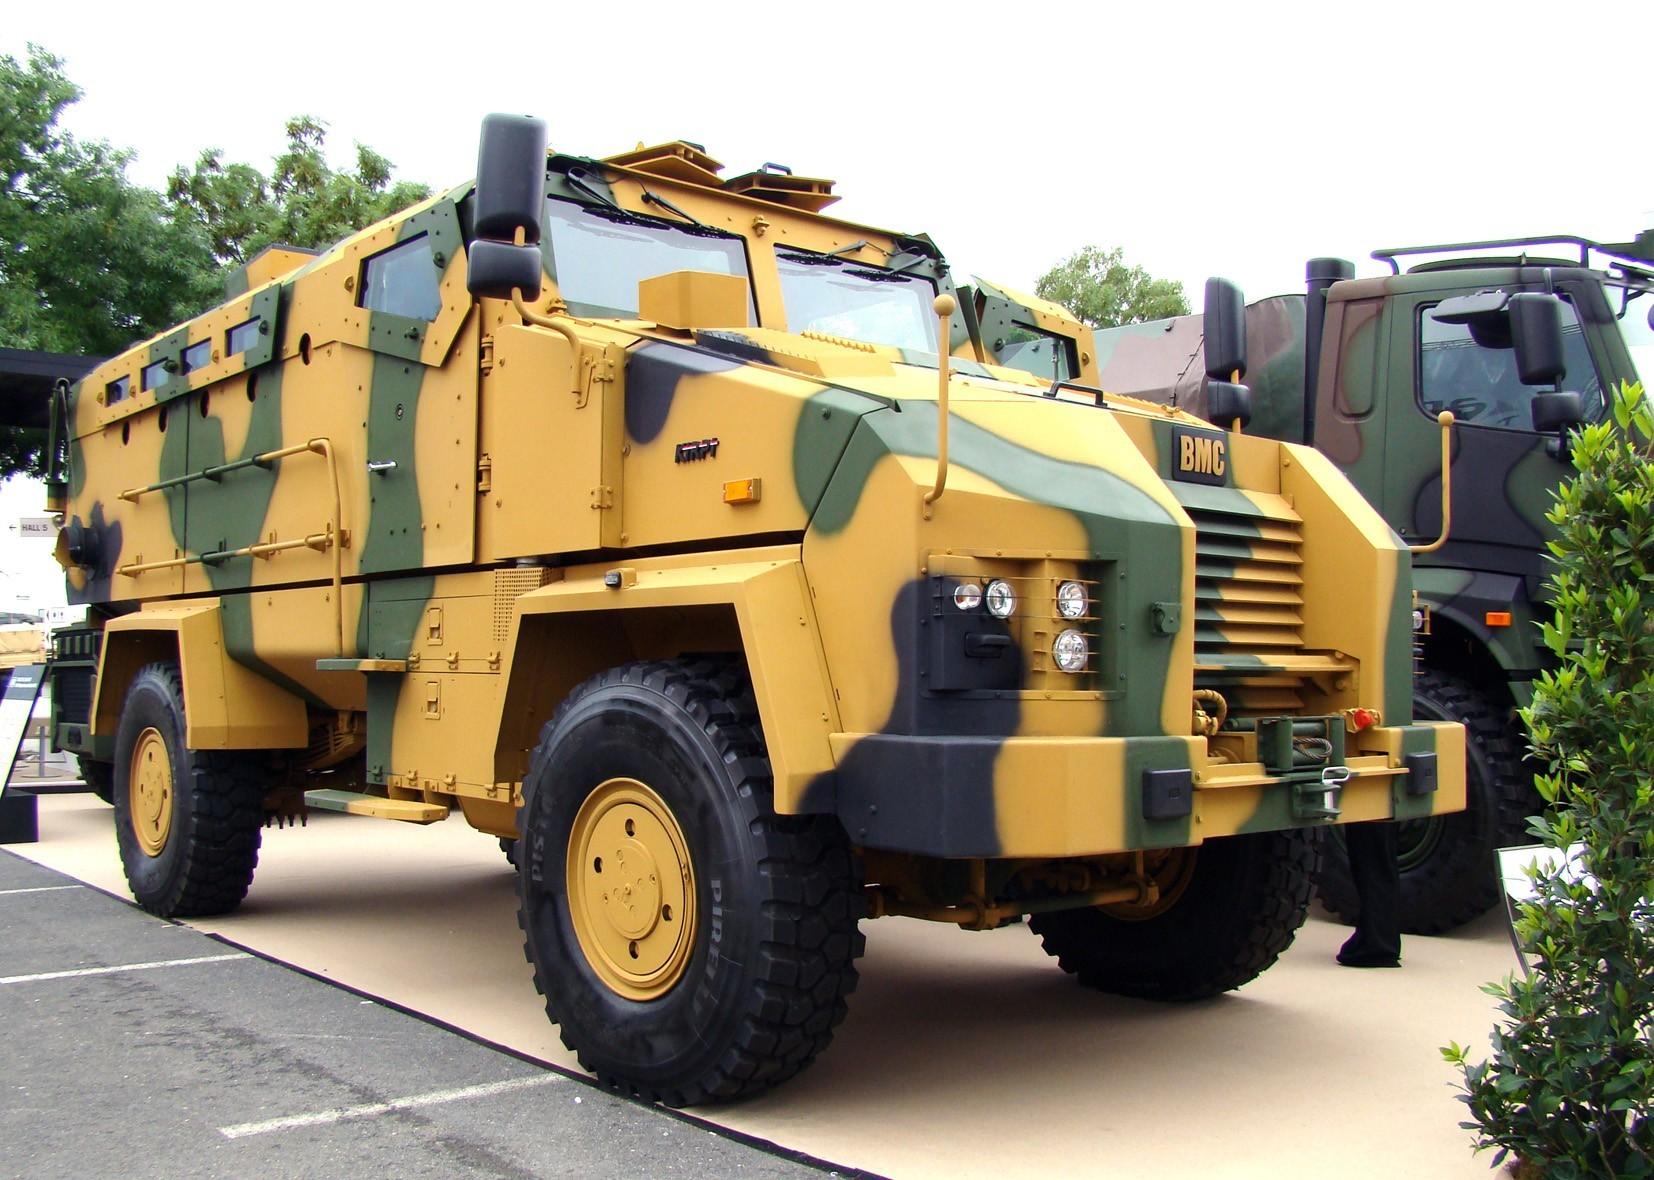 Многоцелевая 350-сильная машина ВМС 350-16Z Kirpi с защитой MRAP